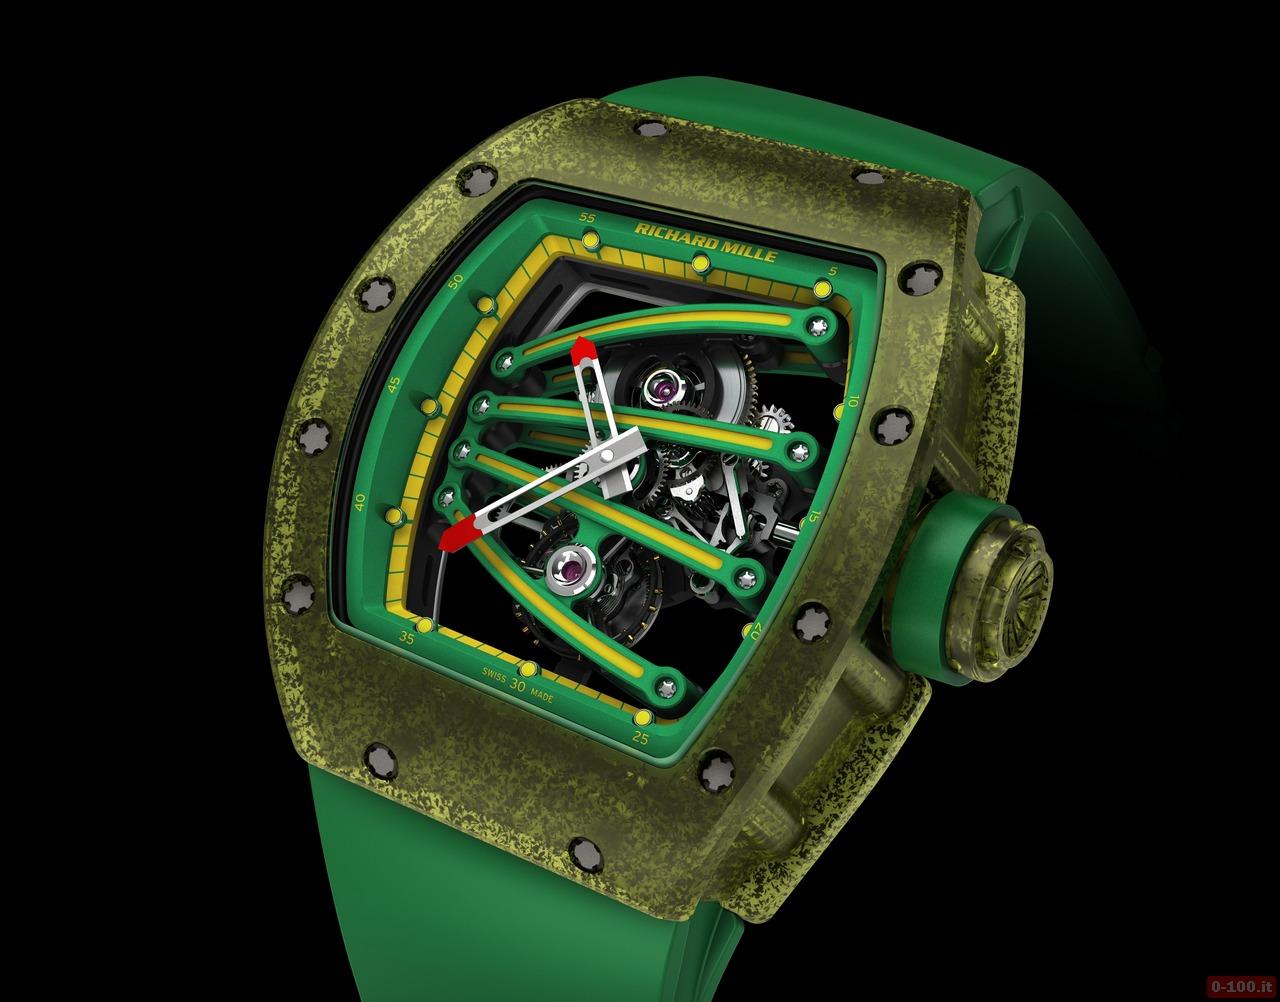 0-100.it   Richard Mille RM 059-01 Yohan Blake Tourbillon